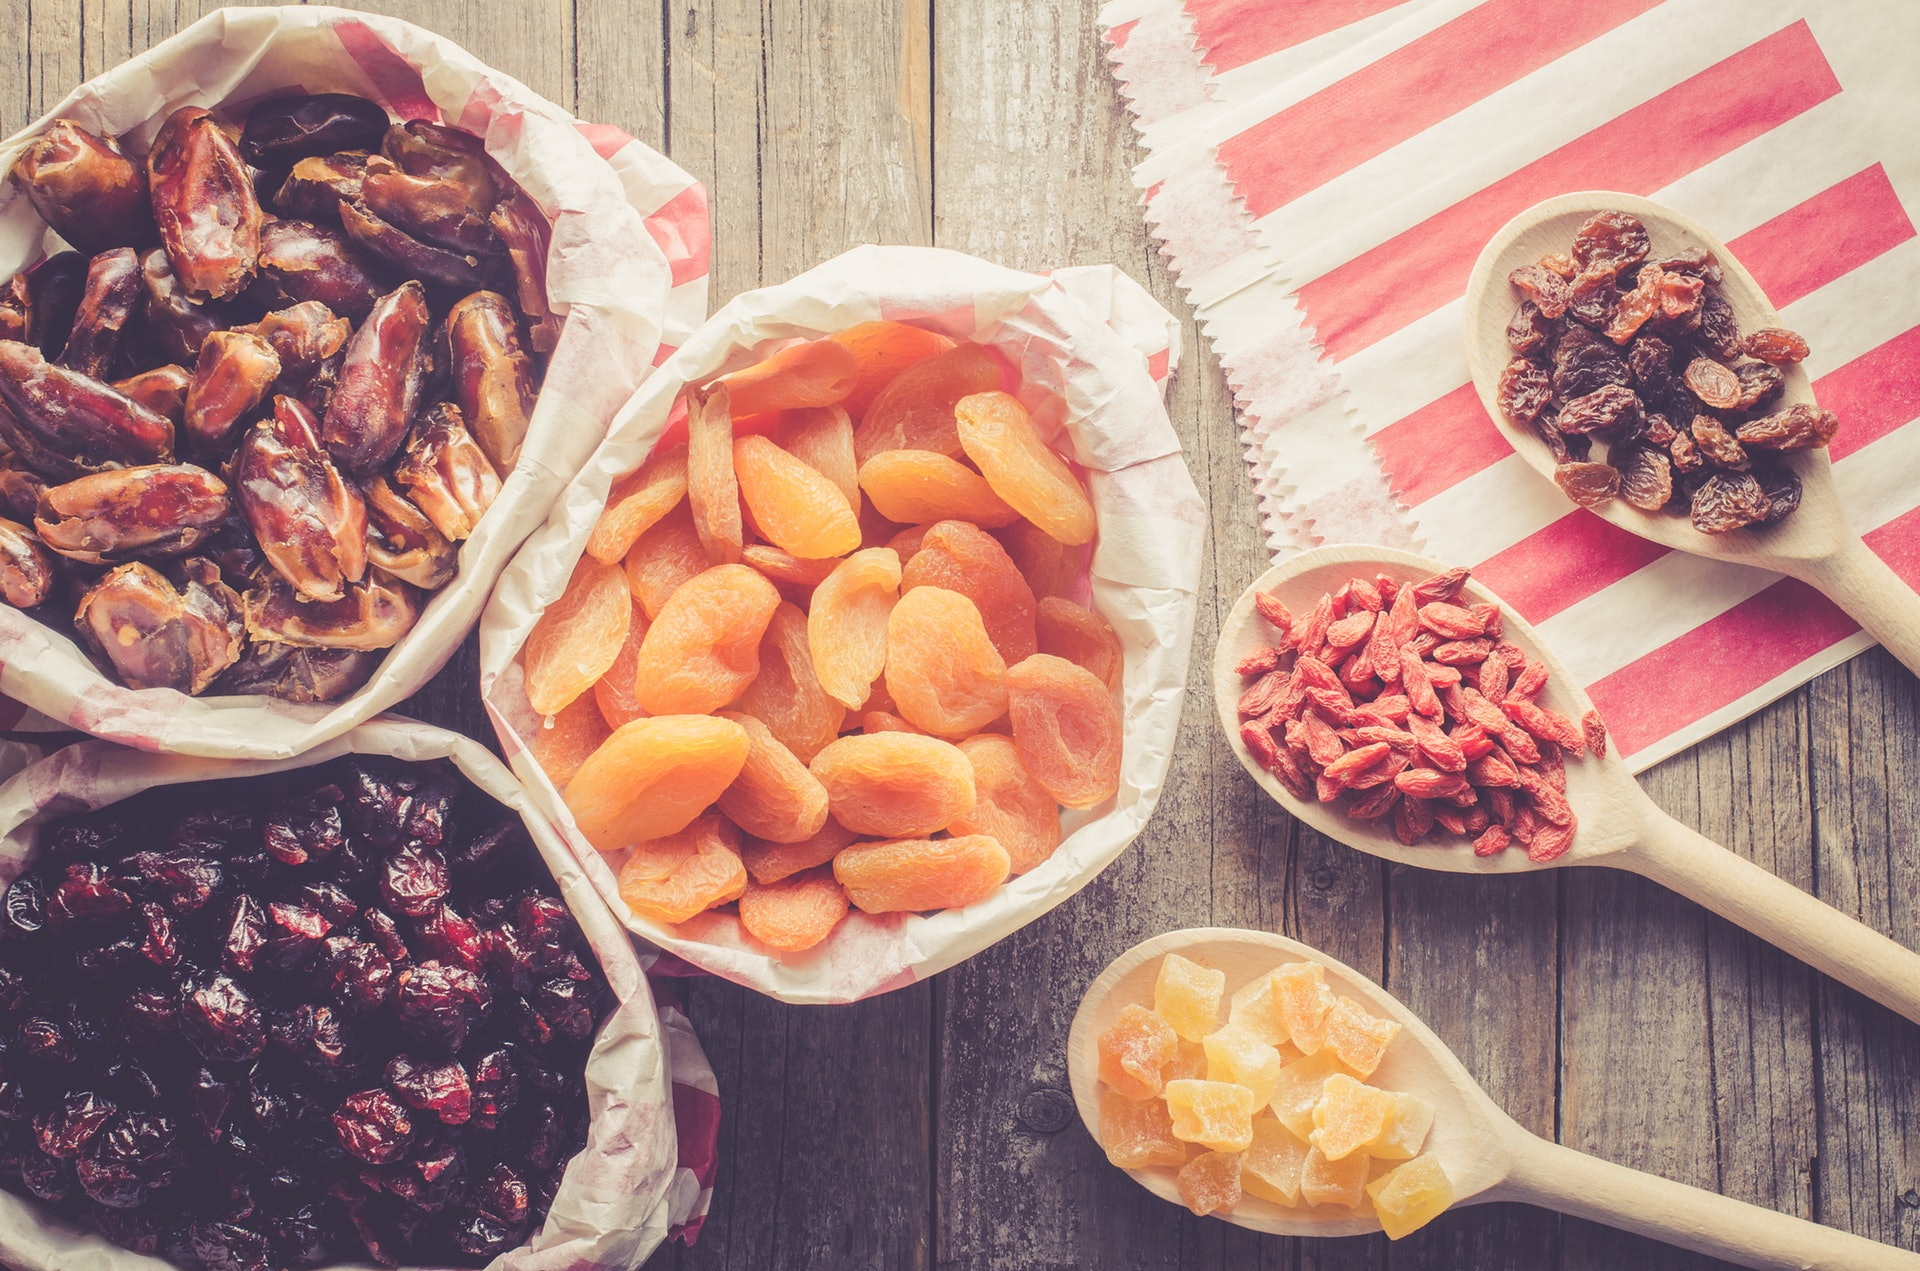 無花果乾、杏脯乾、西梅乾等都屬於高纖乾果。(istock)